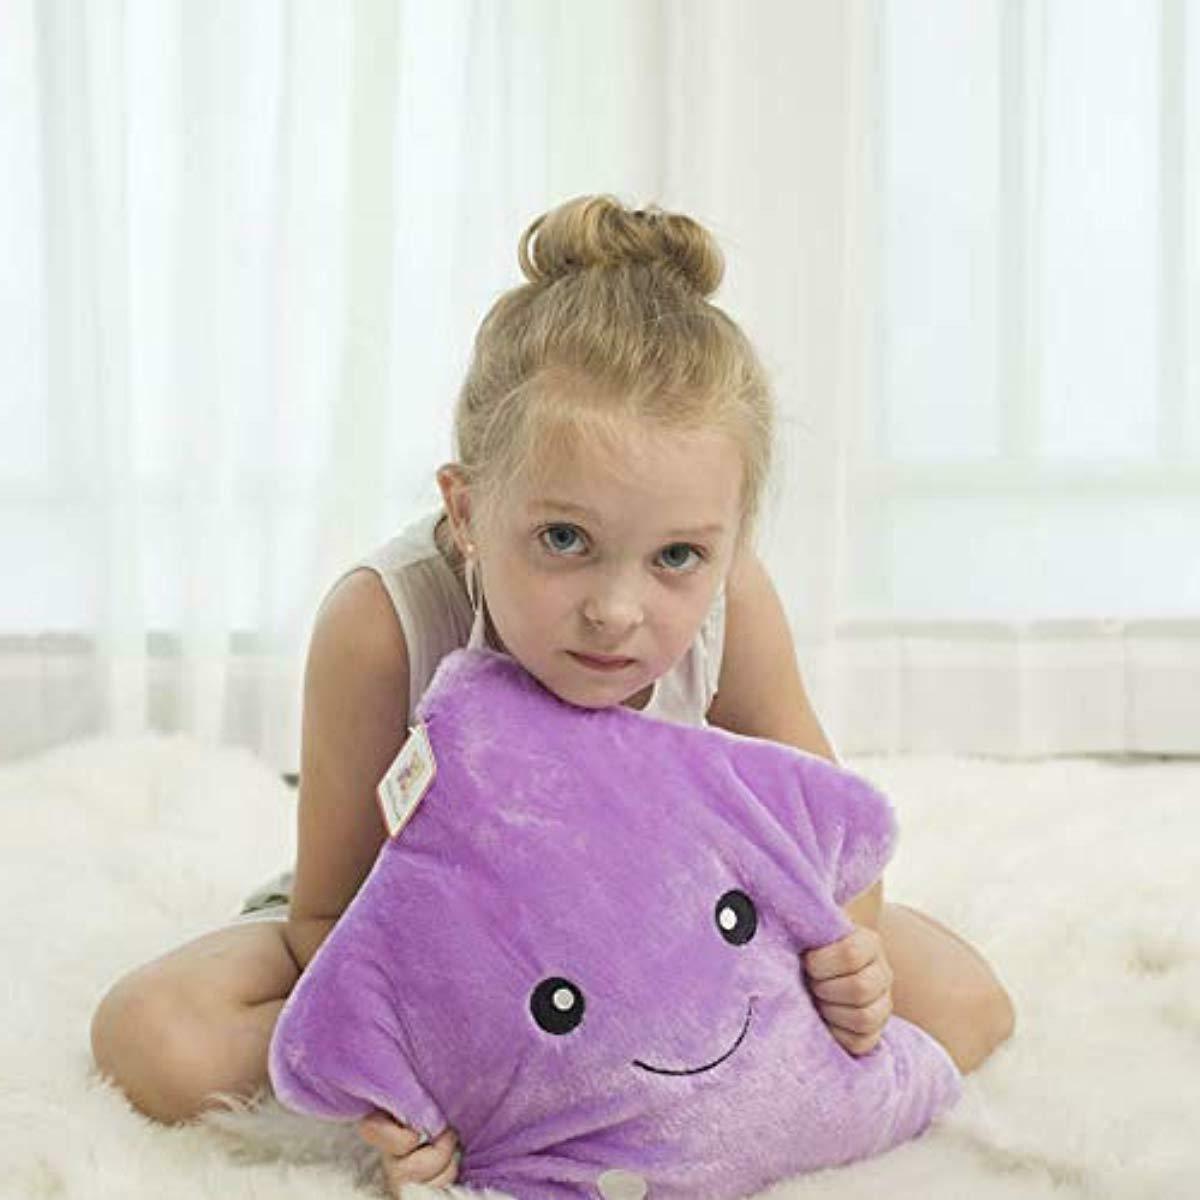 WEWILL Glowing LED Night Light Plush Pillows Stuffed